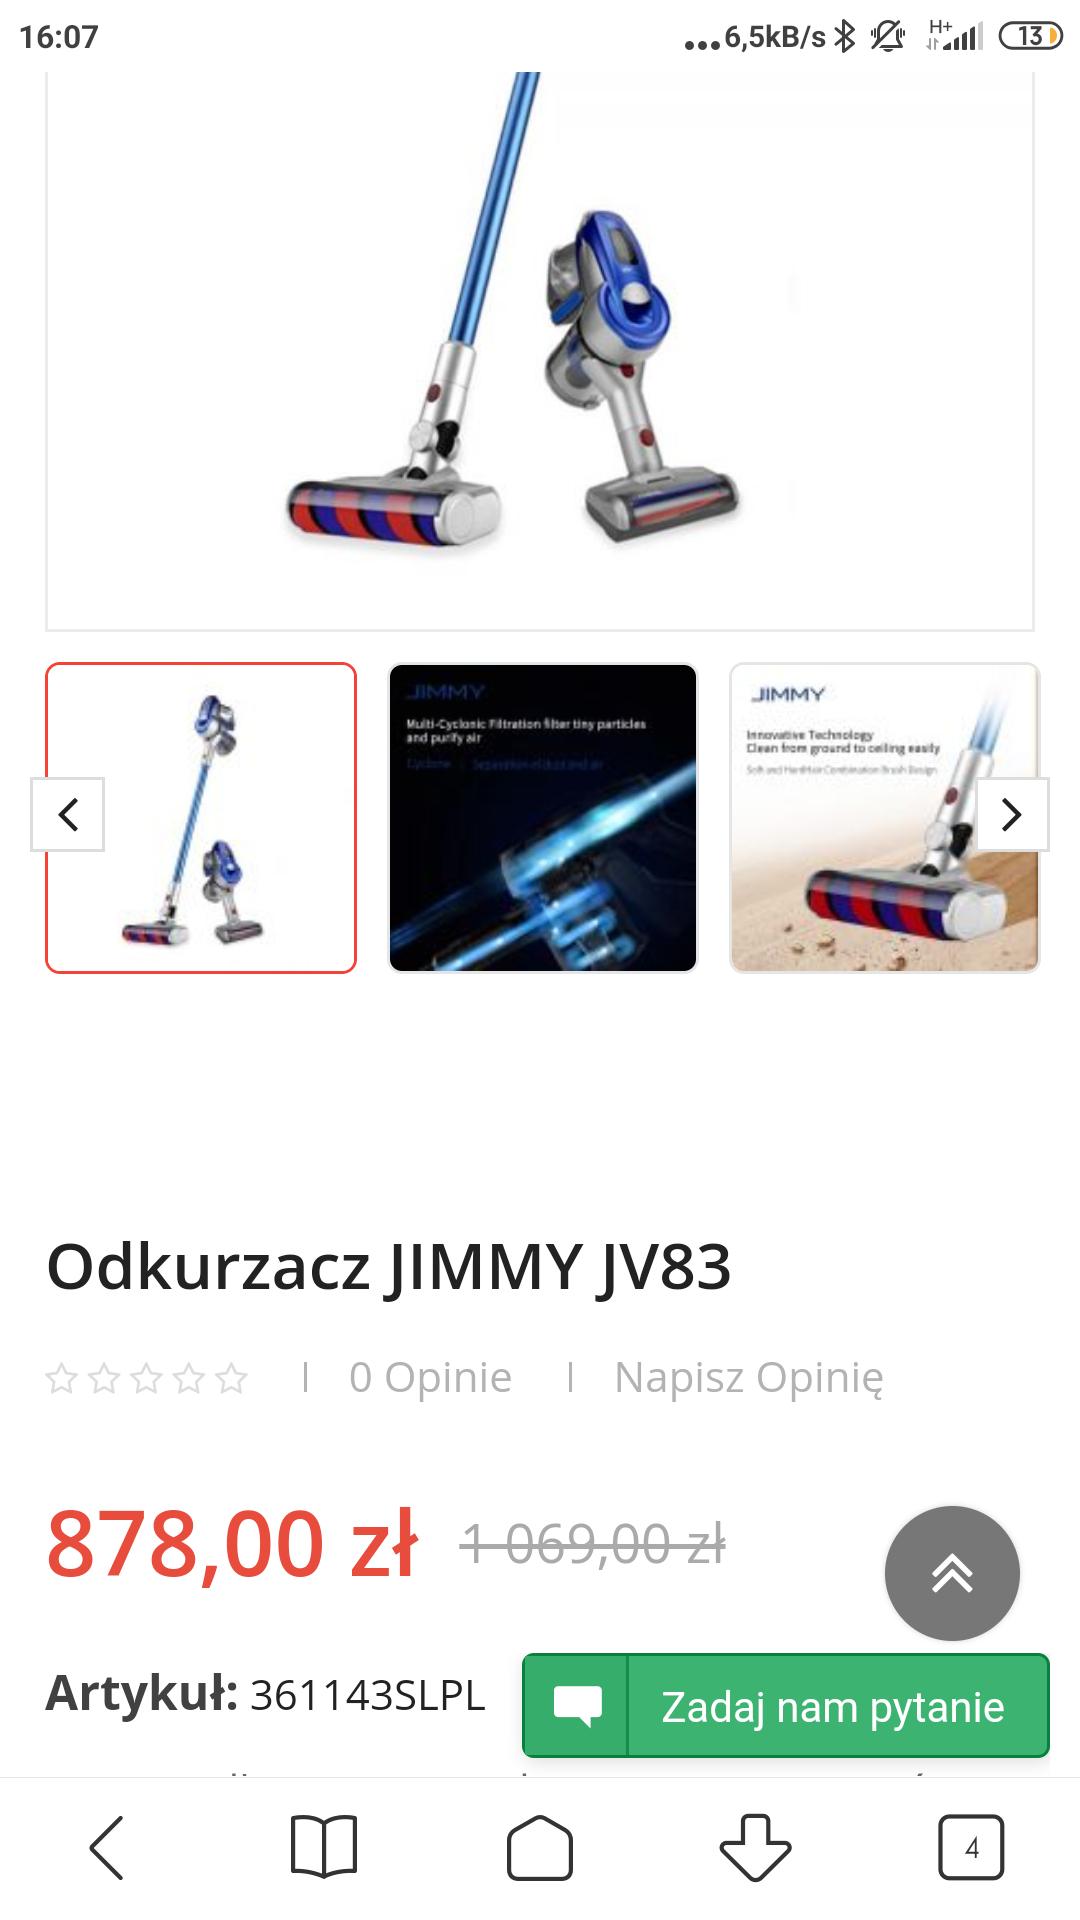 3164962-xIzyT.jpg